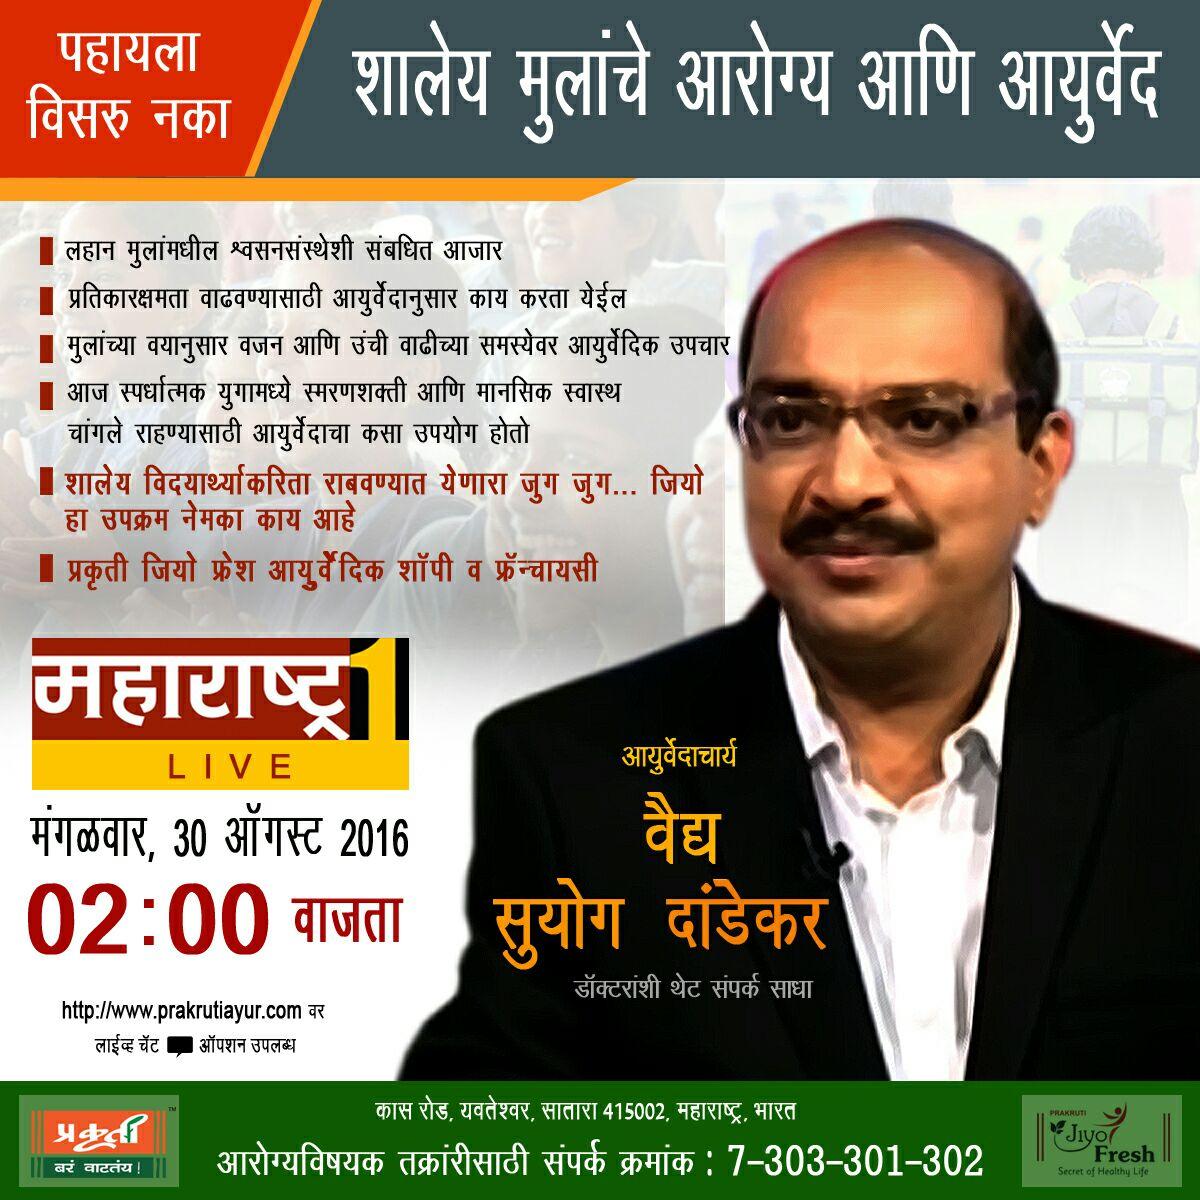 Suyog Dandekar Live Shows On Tv Marathi   Free Images at Clker com